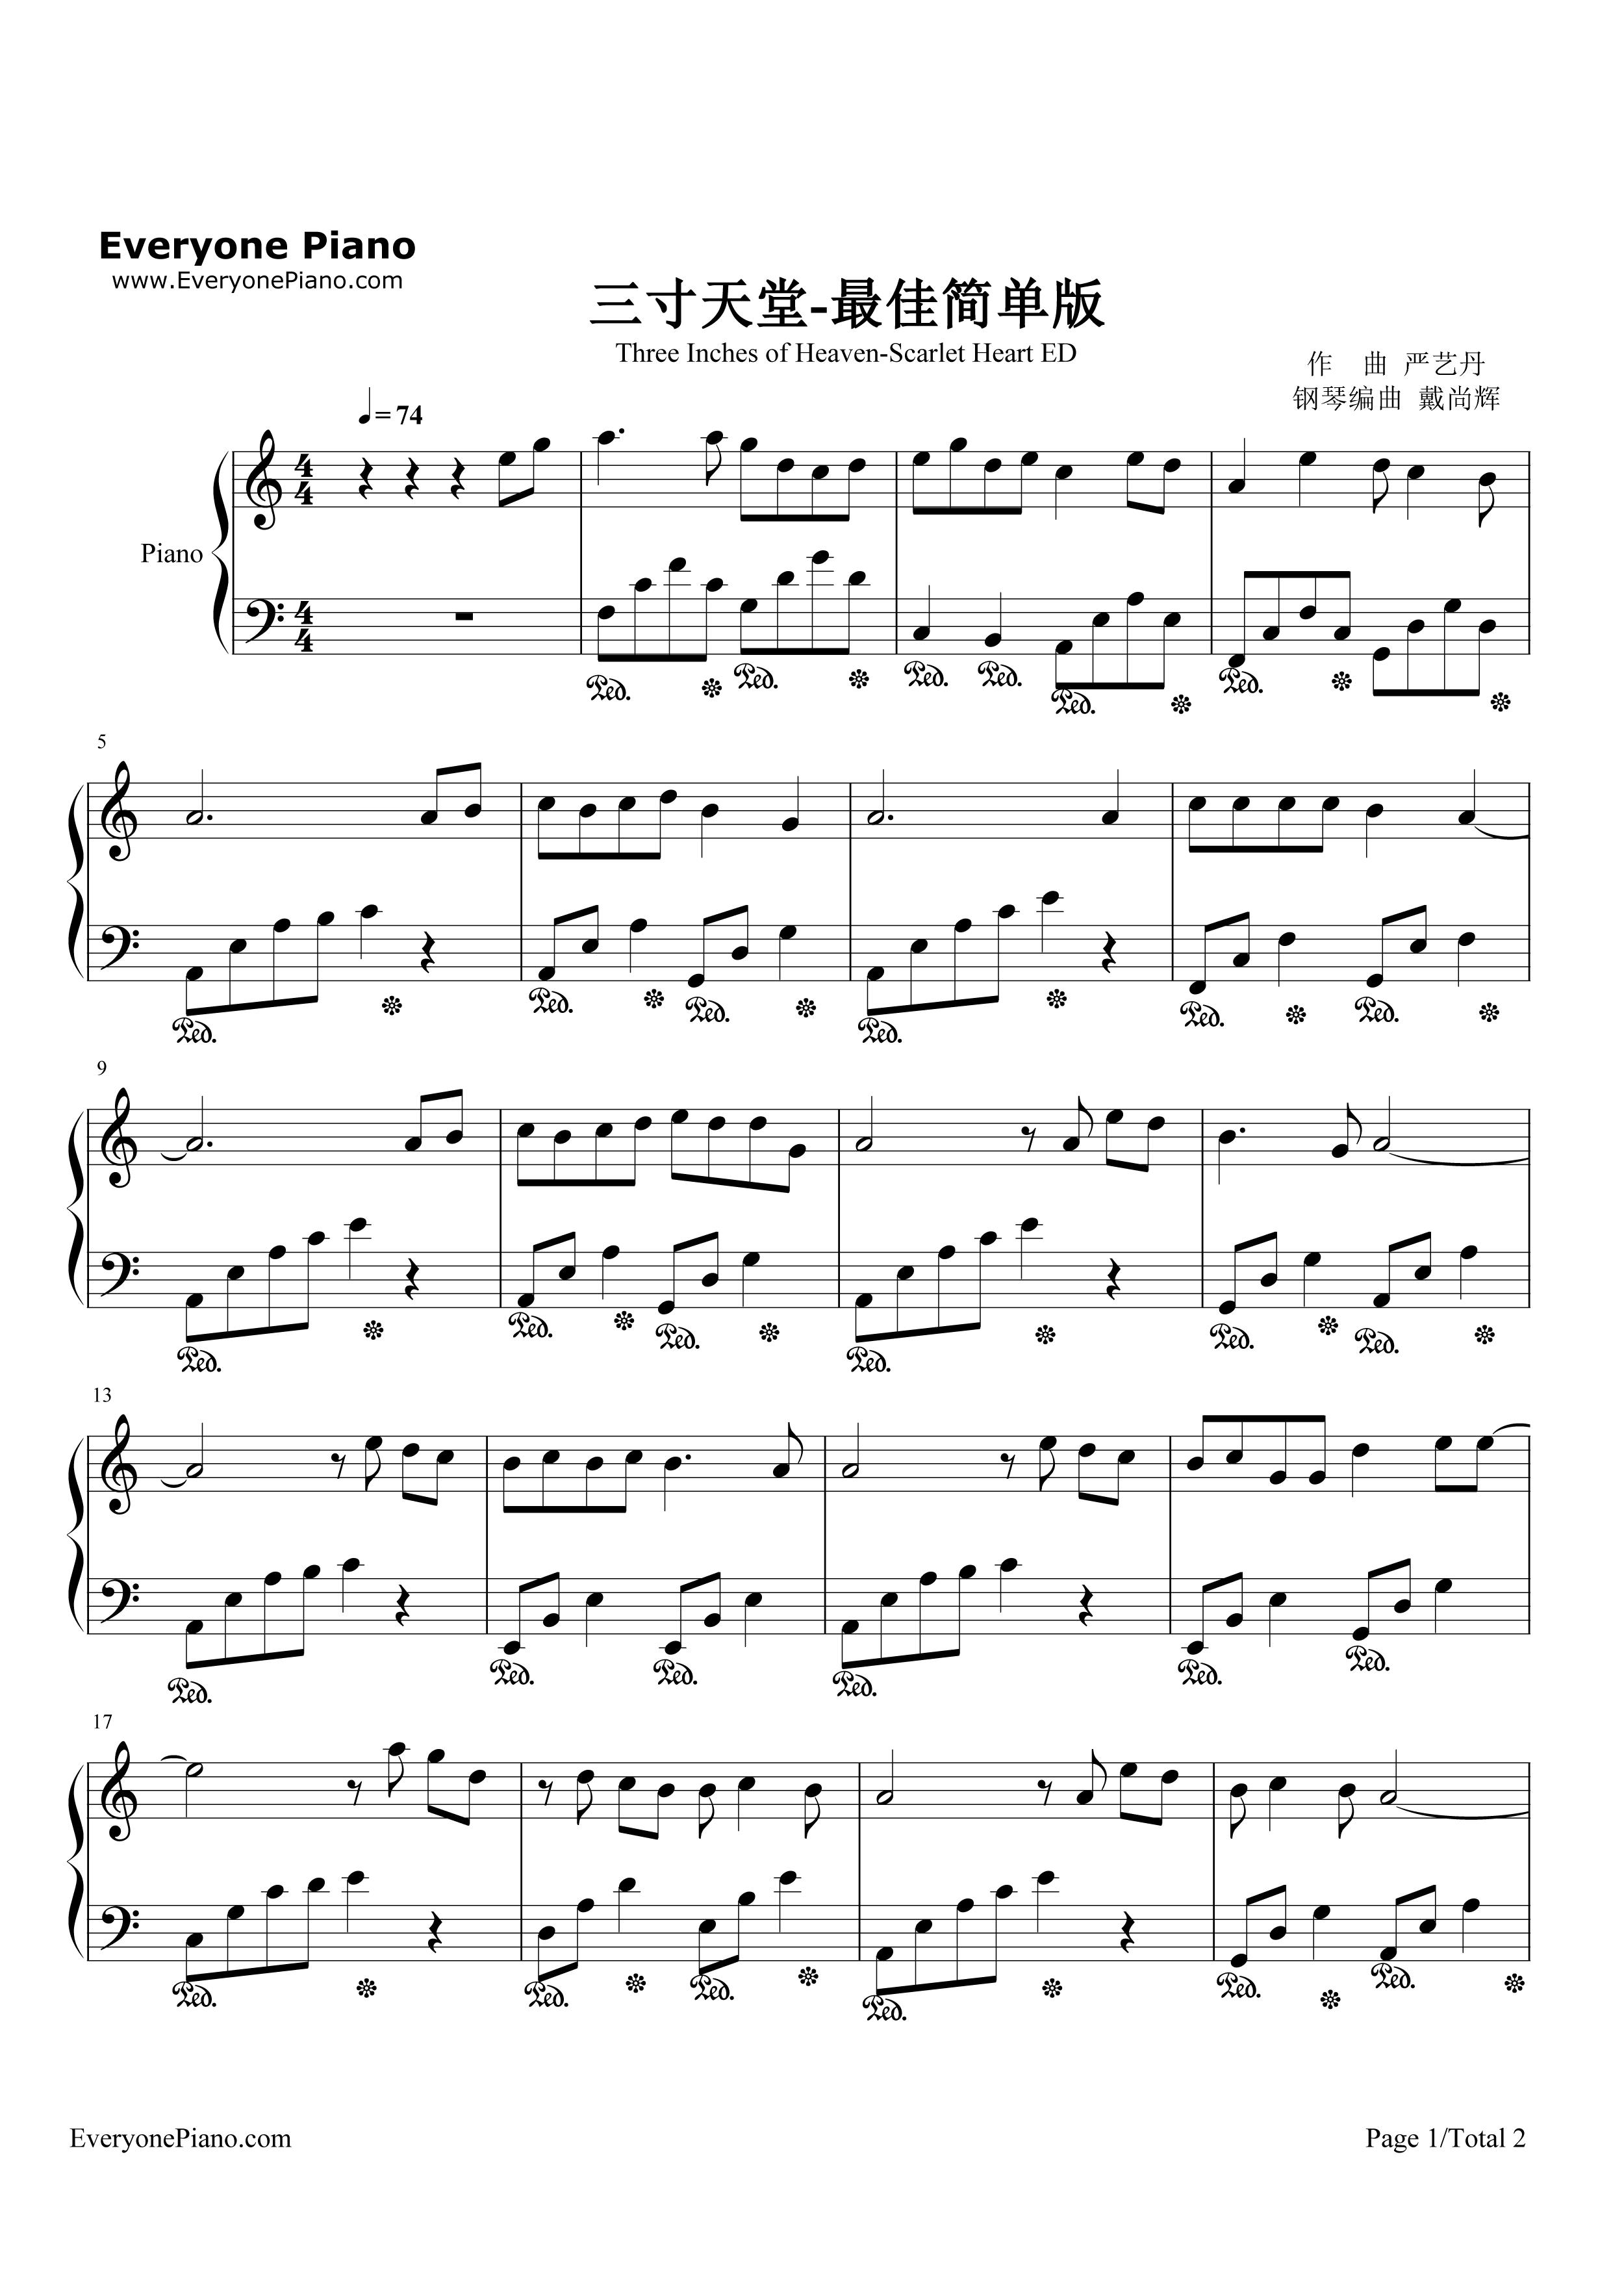 三寸天堂-步步惊心片尾曲五线谱预览1